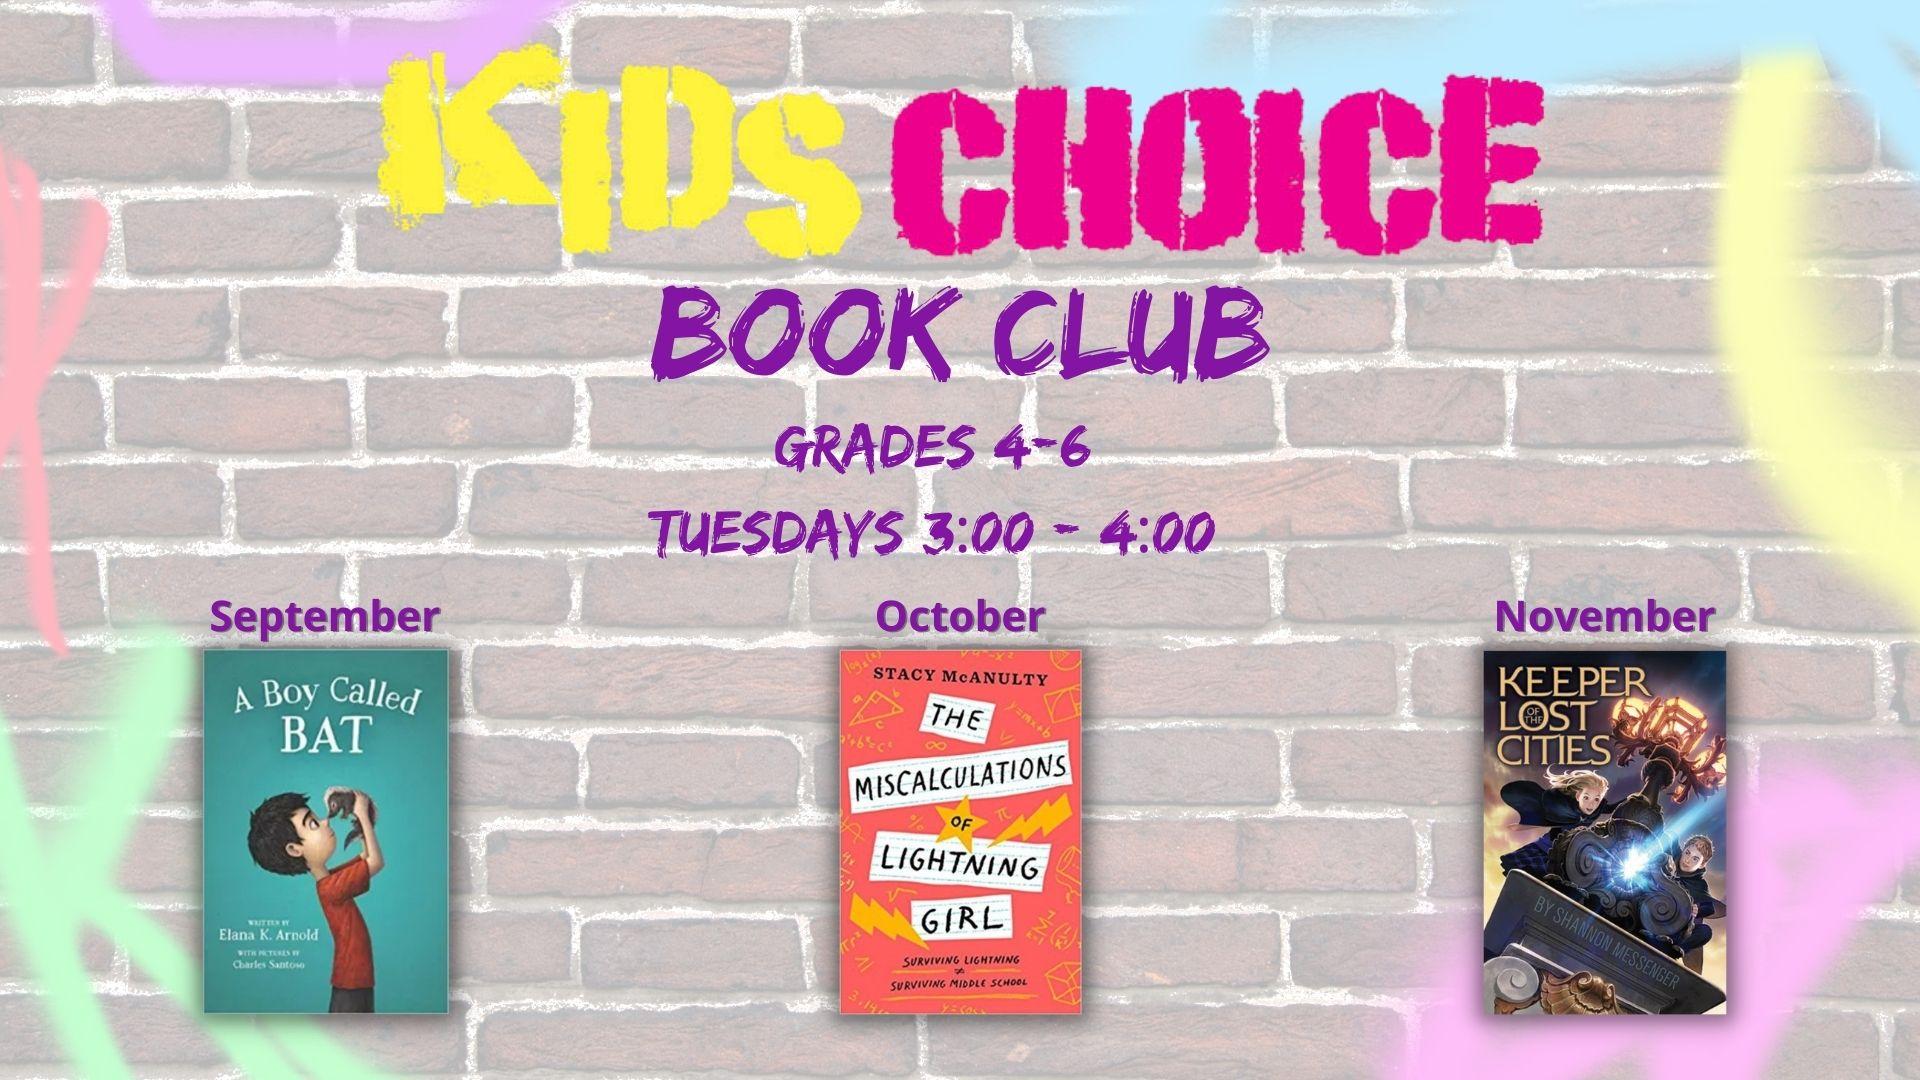 Kids' Choice YS